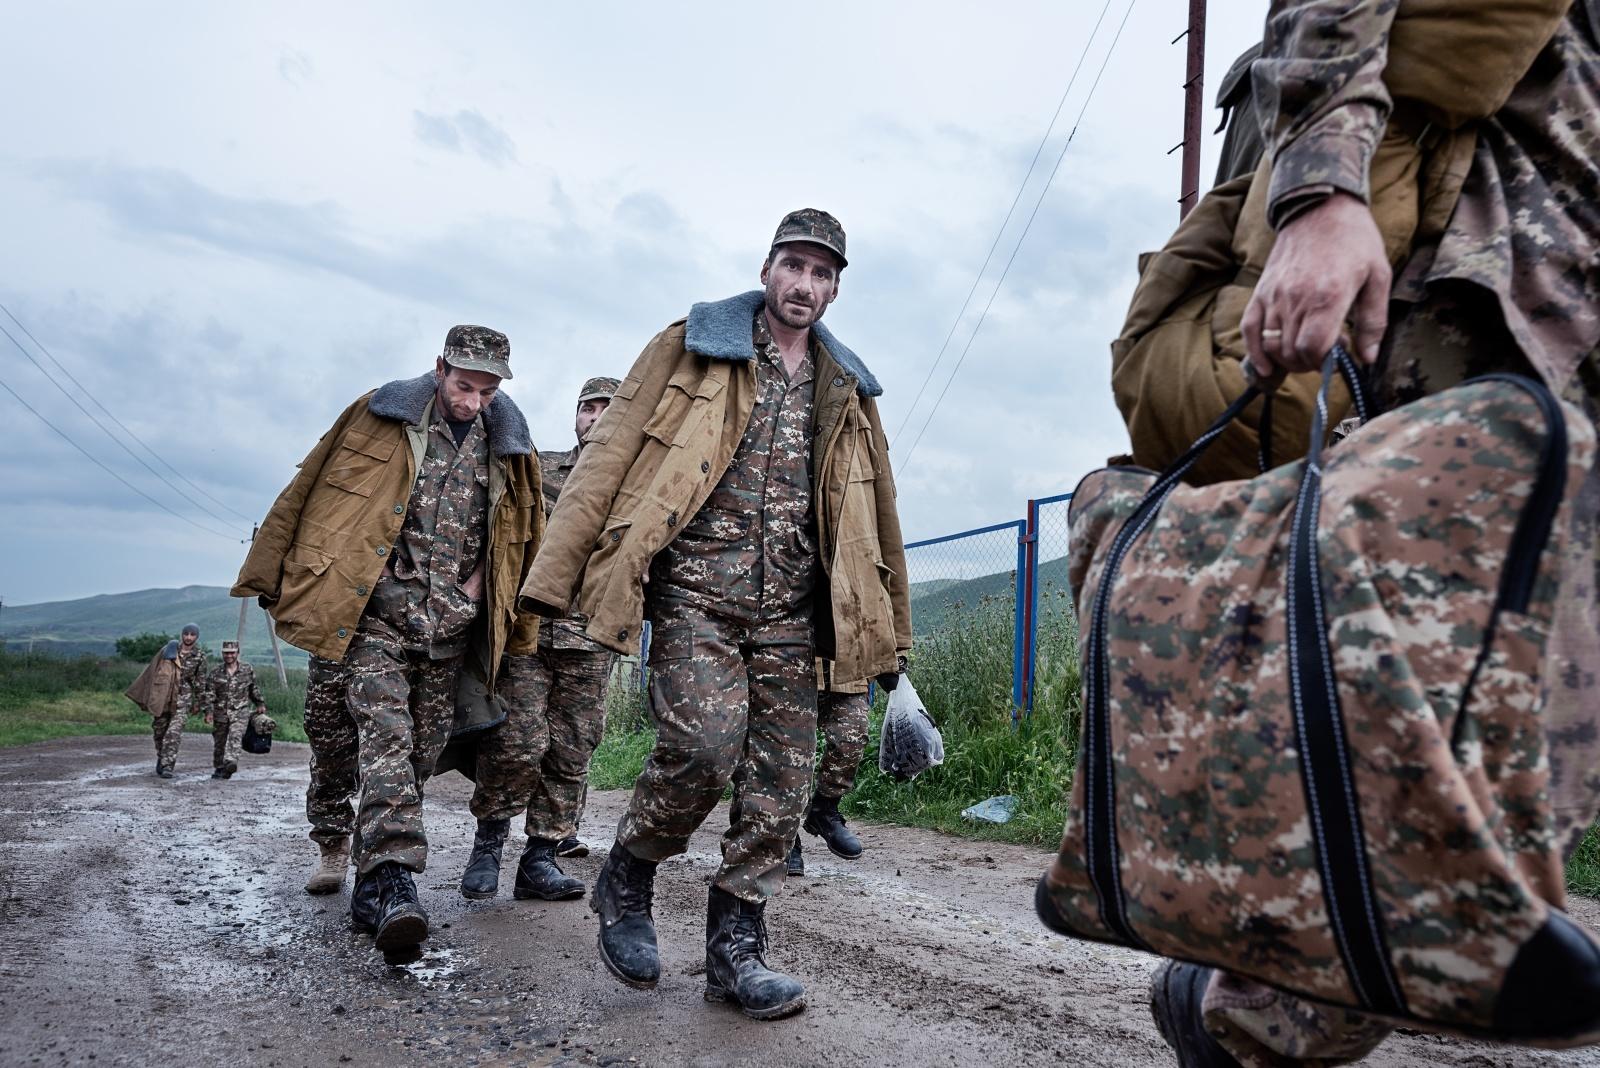 LA GUERRA DEI 4 GIORNI Talish (Repubblica dell'Artsakh) maggio 2016 - Militari in marcia verso il fronte. Tra il 2 e il 5 aprile 2016 venne combattuta la Guerra dei 4 giorni. Secondo le fonti più accreditate l'offensiva dell'Azerbaijan causò complessivamente almeno 400 morti. A Talish, villaggio armeno a ridosso della linea di contatto, tre anziani vennero giustiziati e mutilati dalle forze speciali azere.